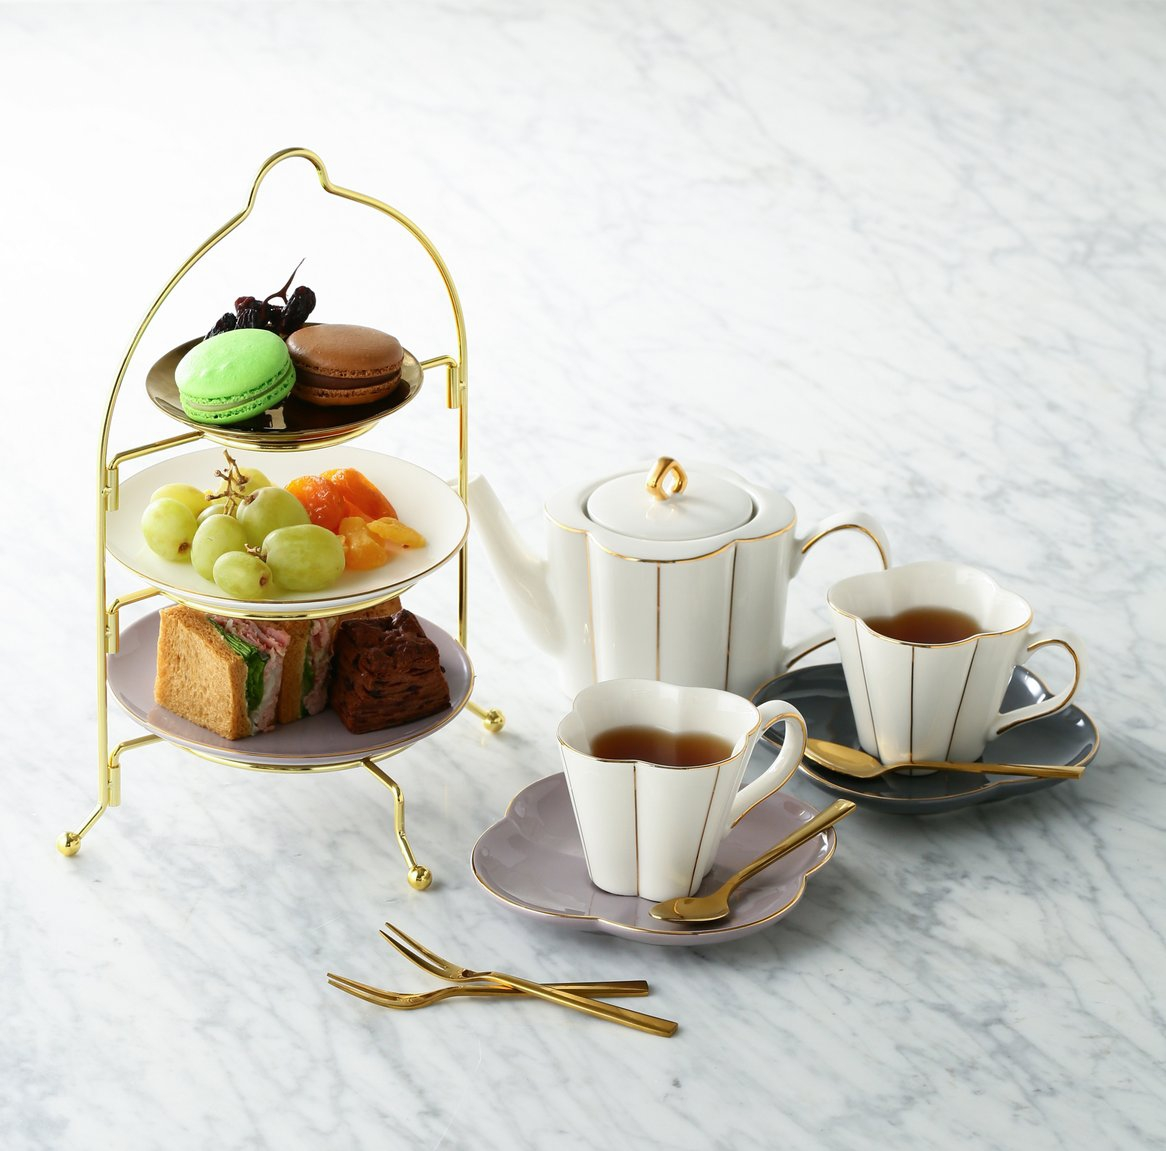 Francfranc(フランフラン) おうちカフェセット 2 personsの商品画像2